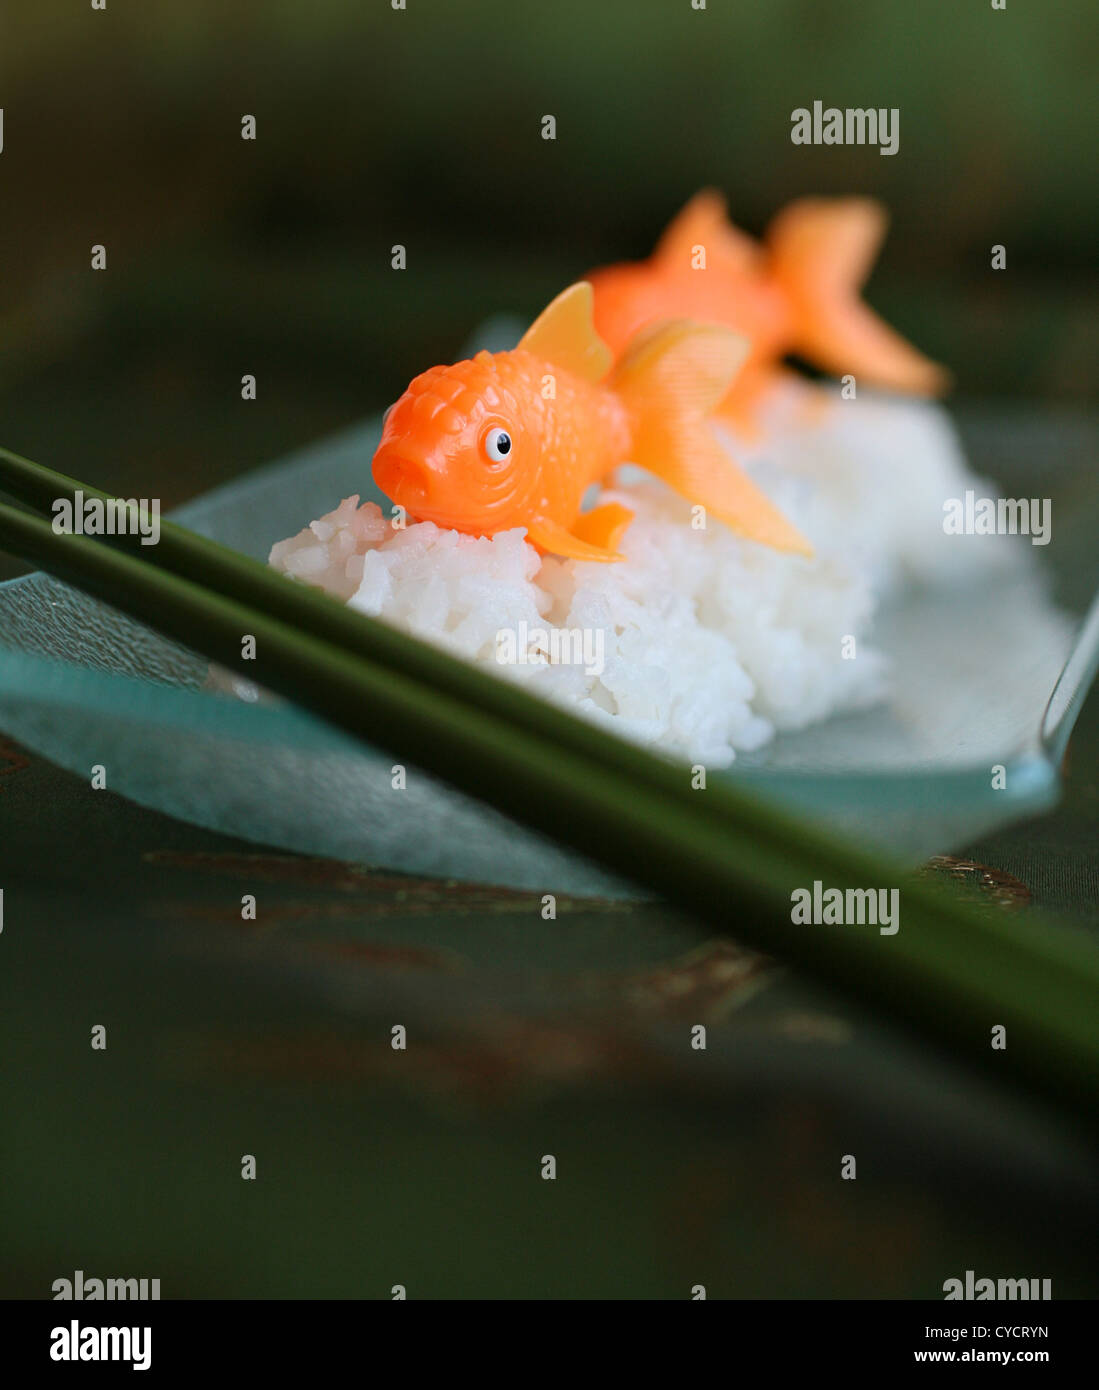 Humor, Skurril, Sushi, Goldfisch Stockbild